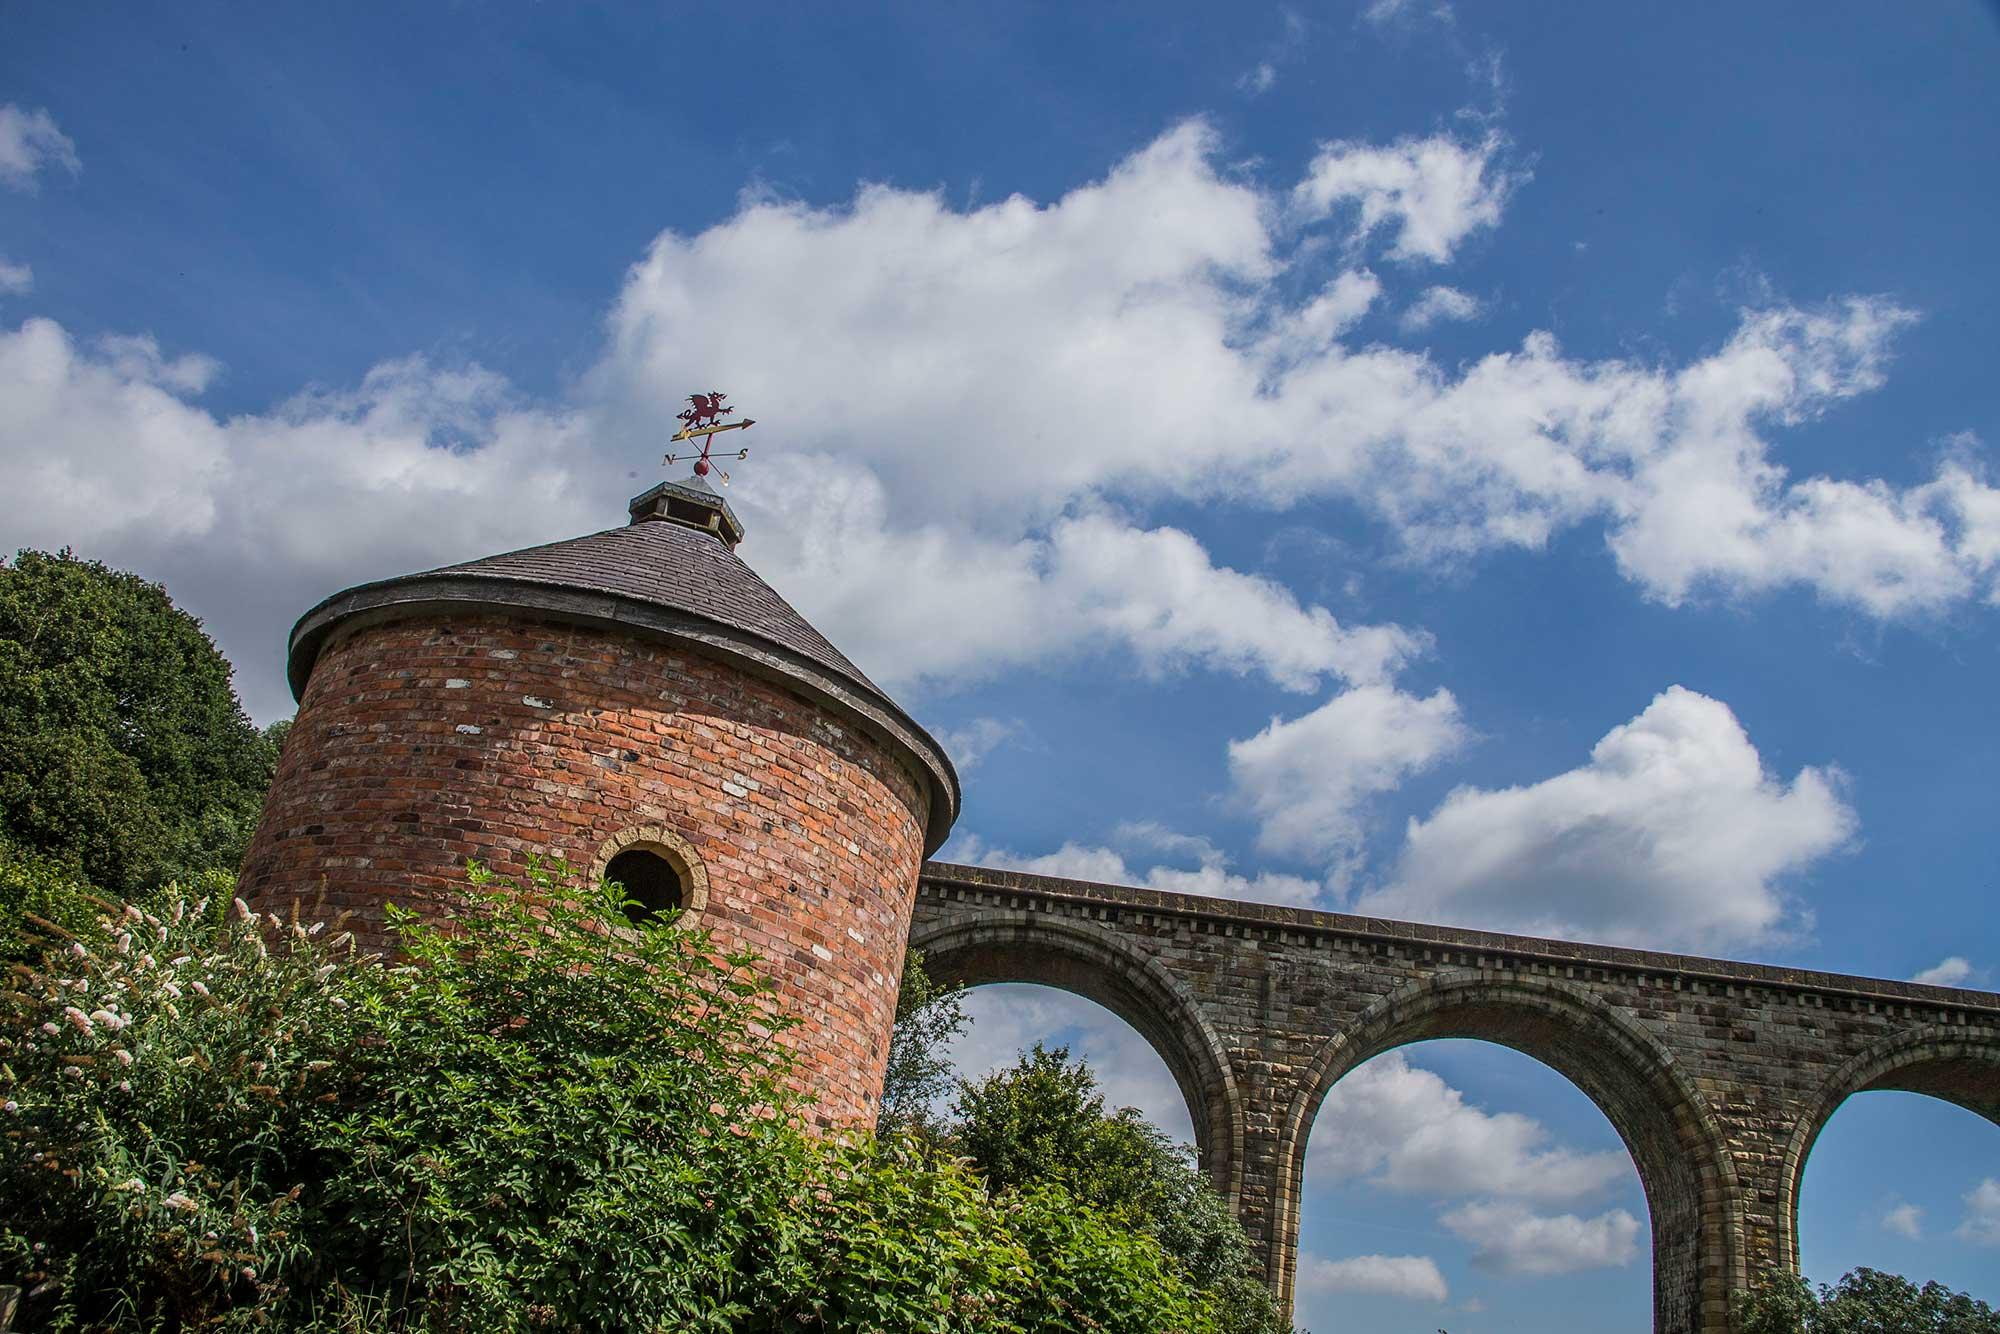 *Cefn Viaduct